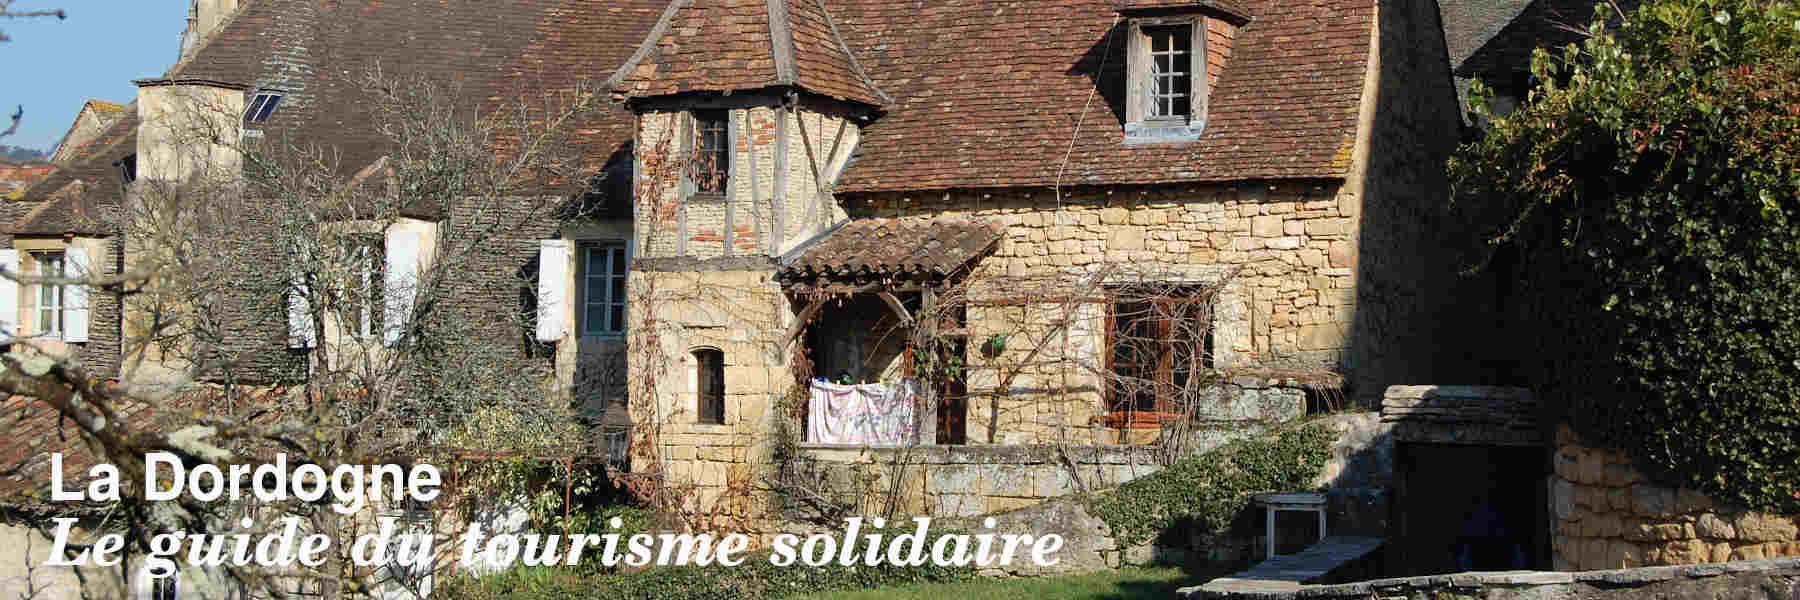 Le guide du tourisme solidaire en Dordogne